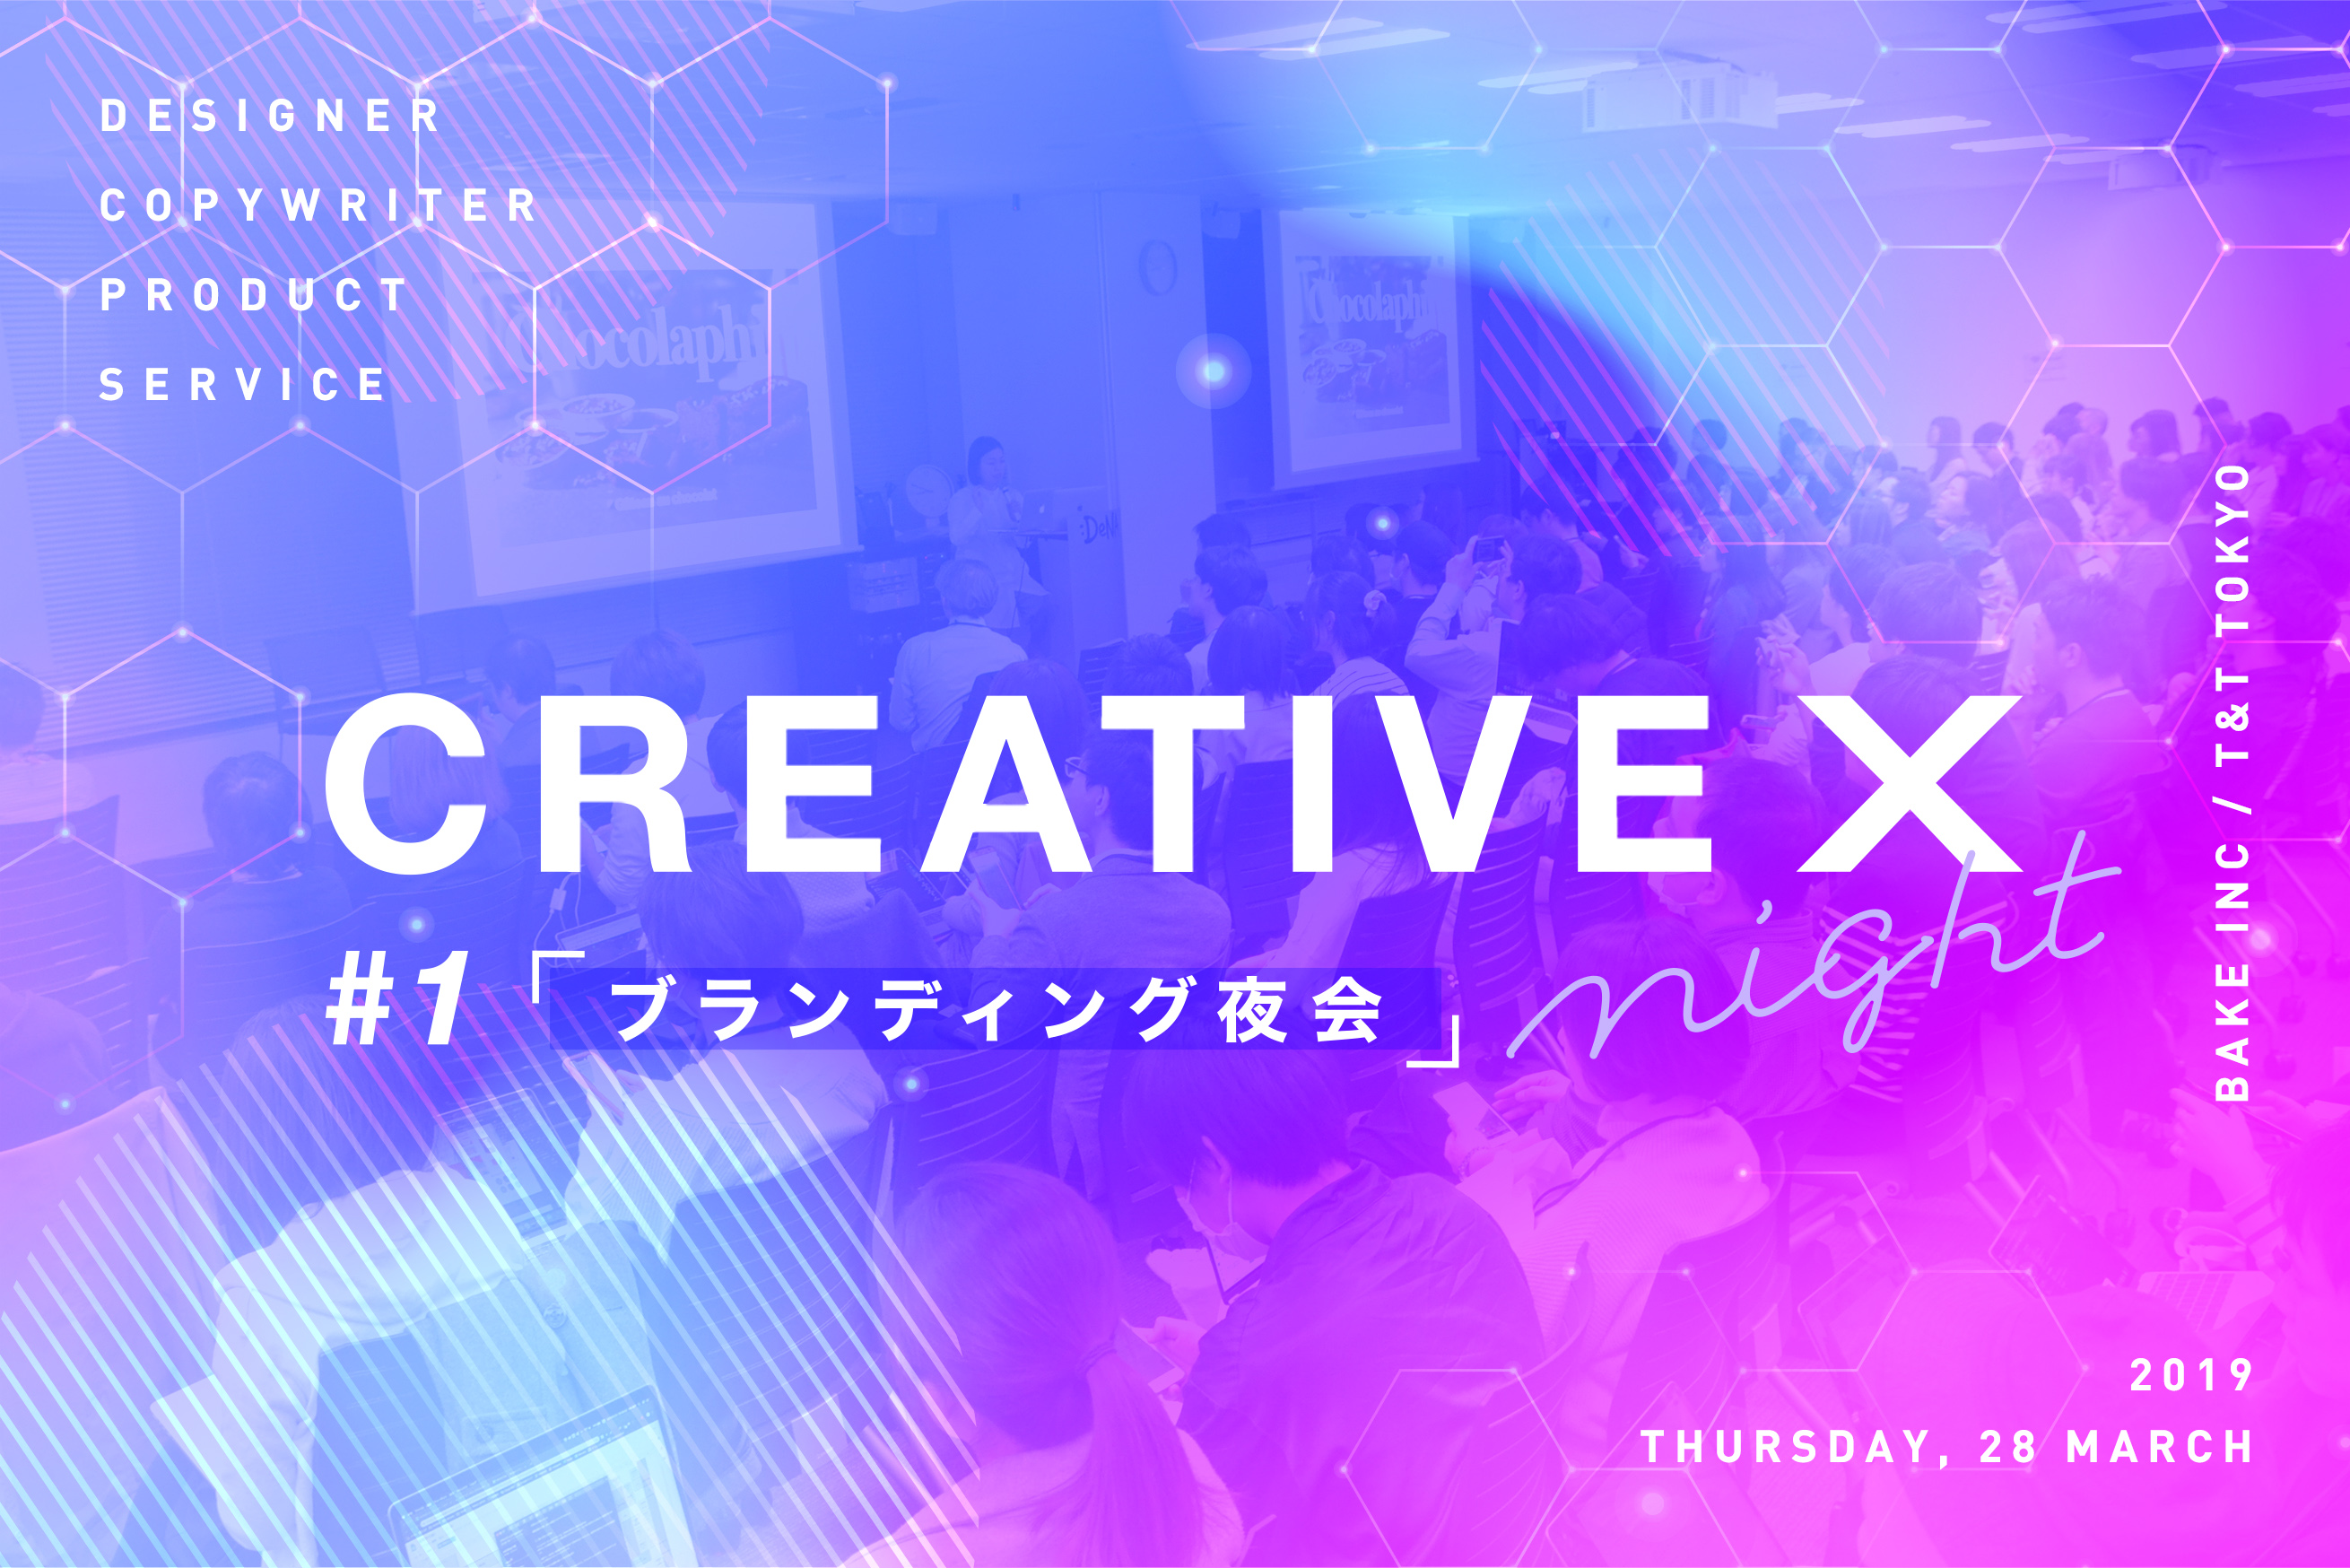 """デザイナー、コピーライター必見!""""想い""""をかたちにするブランディングのイベント「CREATIVE X night #1」に行ってきました!"""